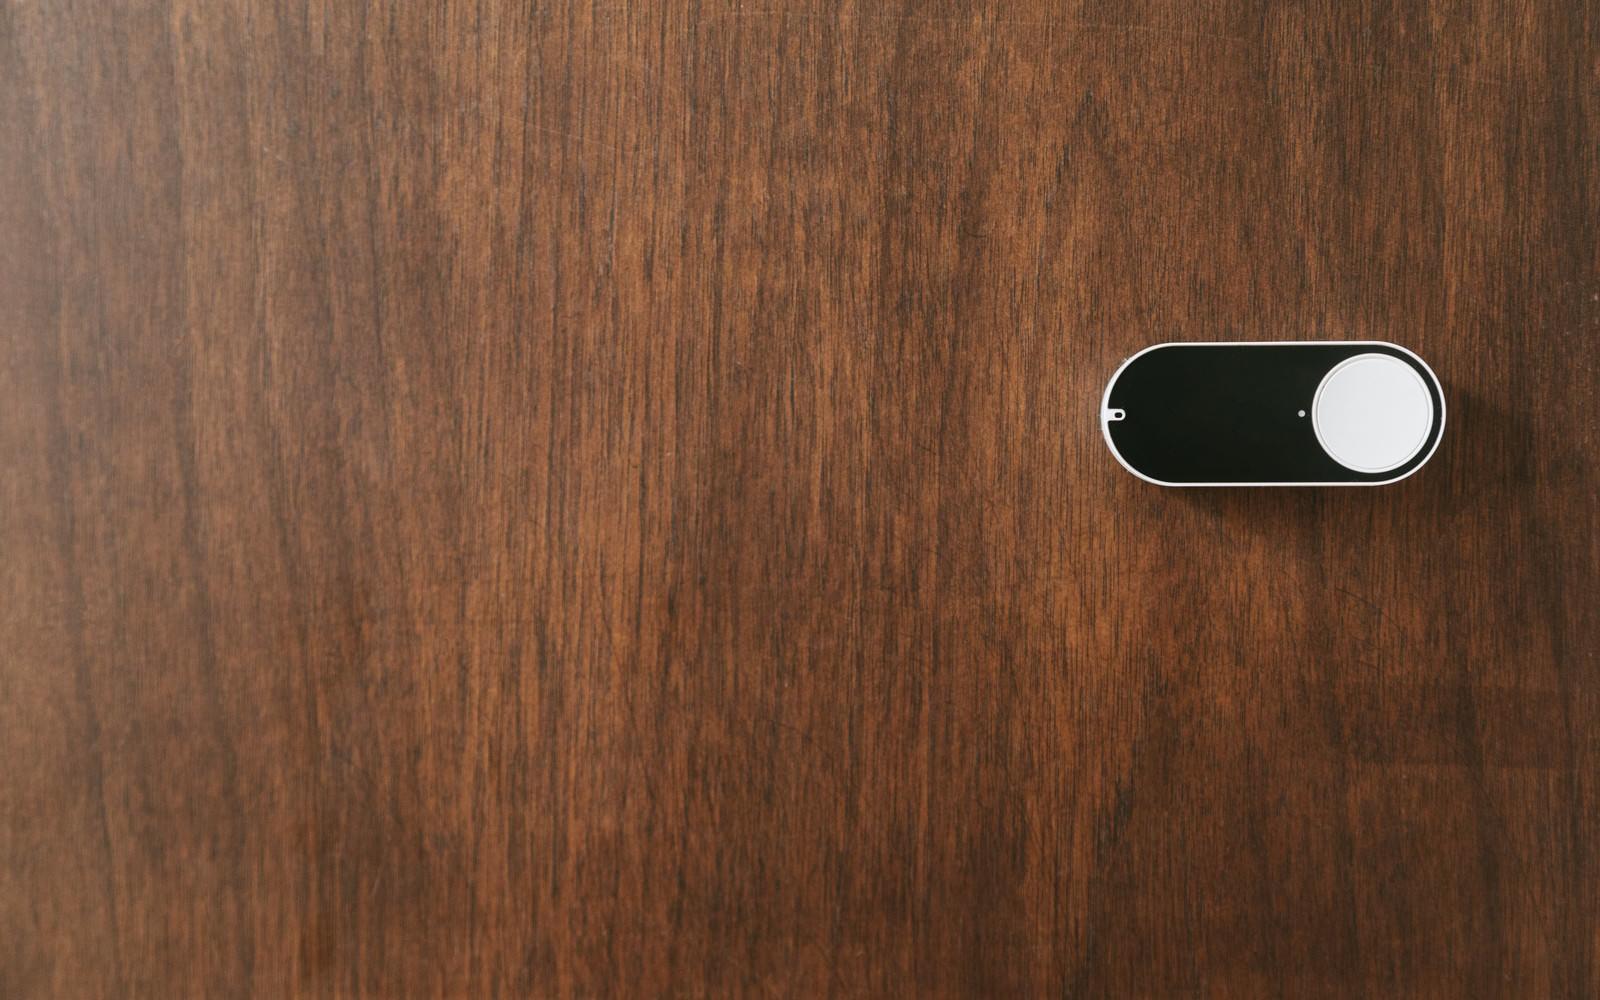 「ボタンひとつで注文完了」の写真